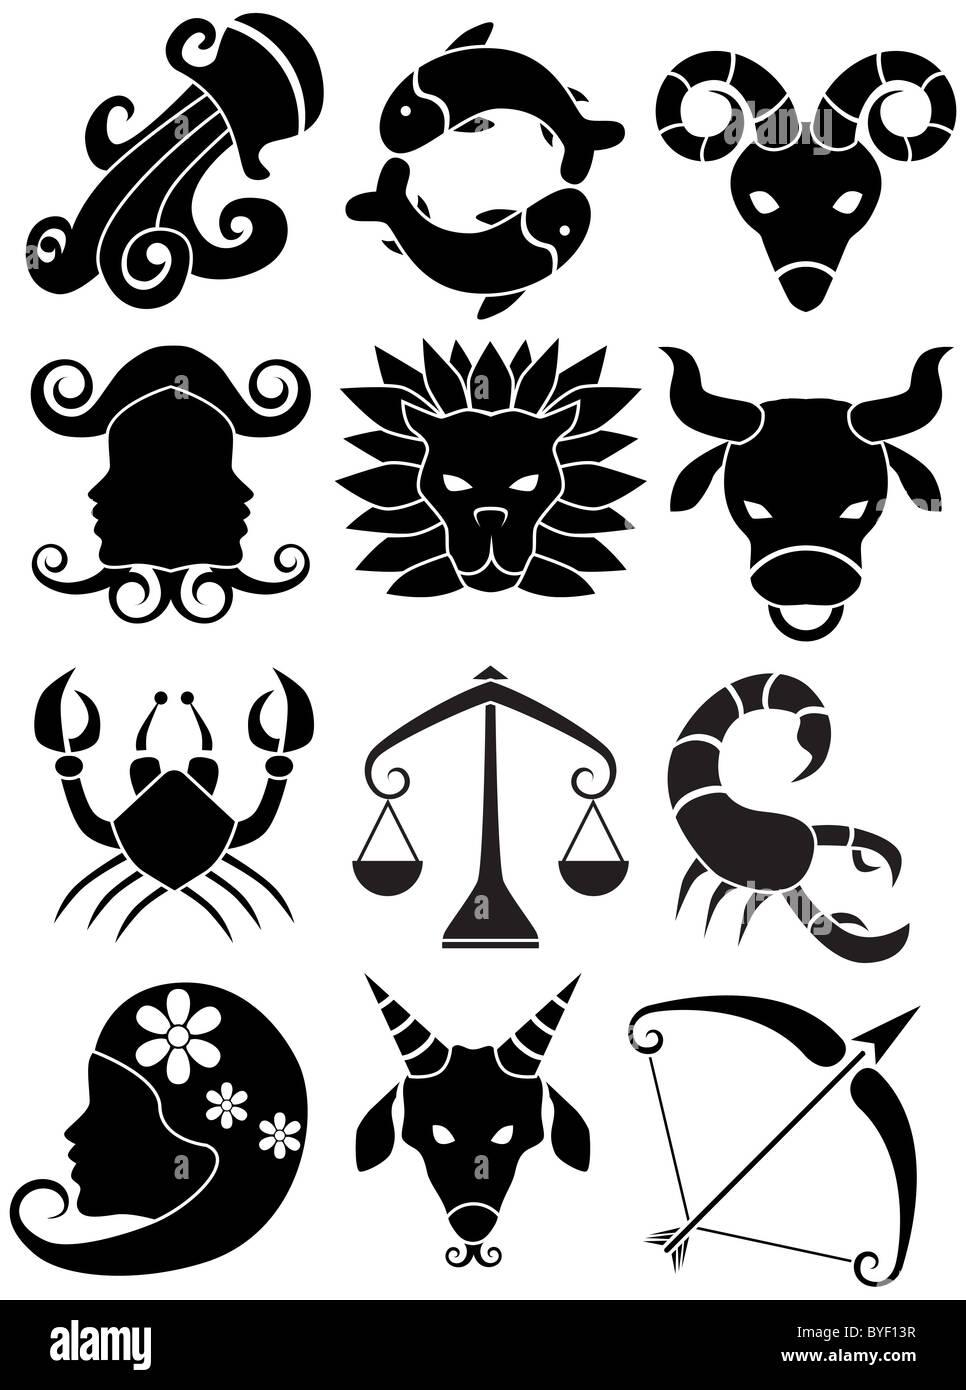 Un'immagine di 12 simboli dello zodiaco. Foto Stock